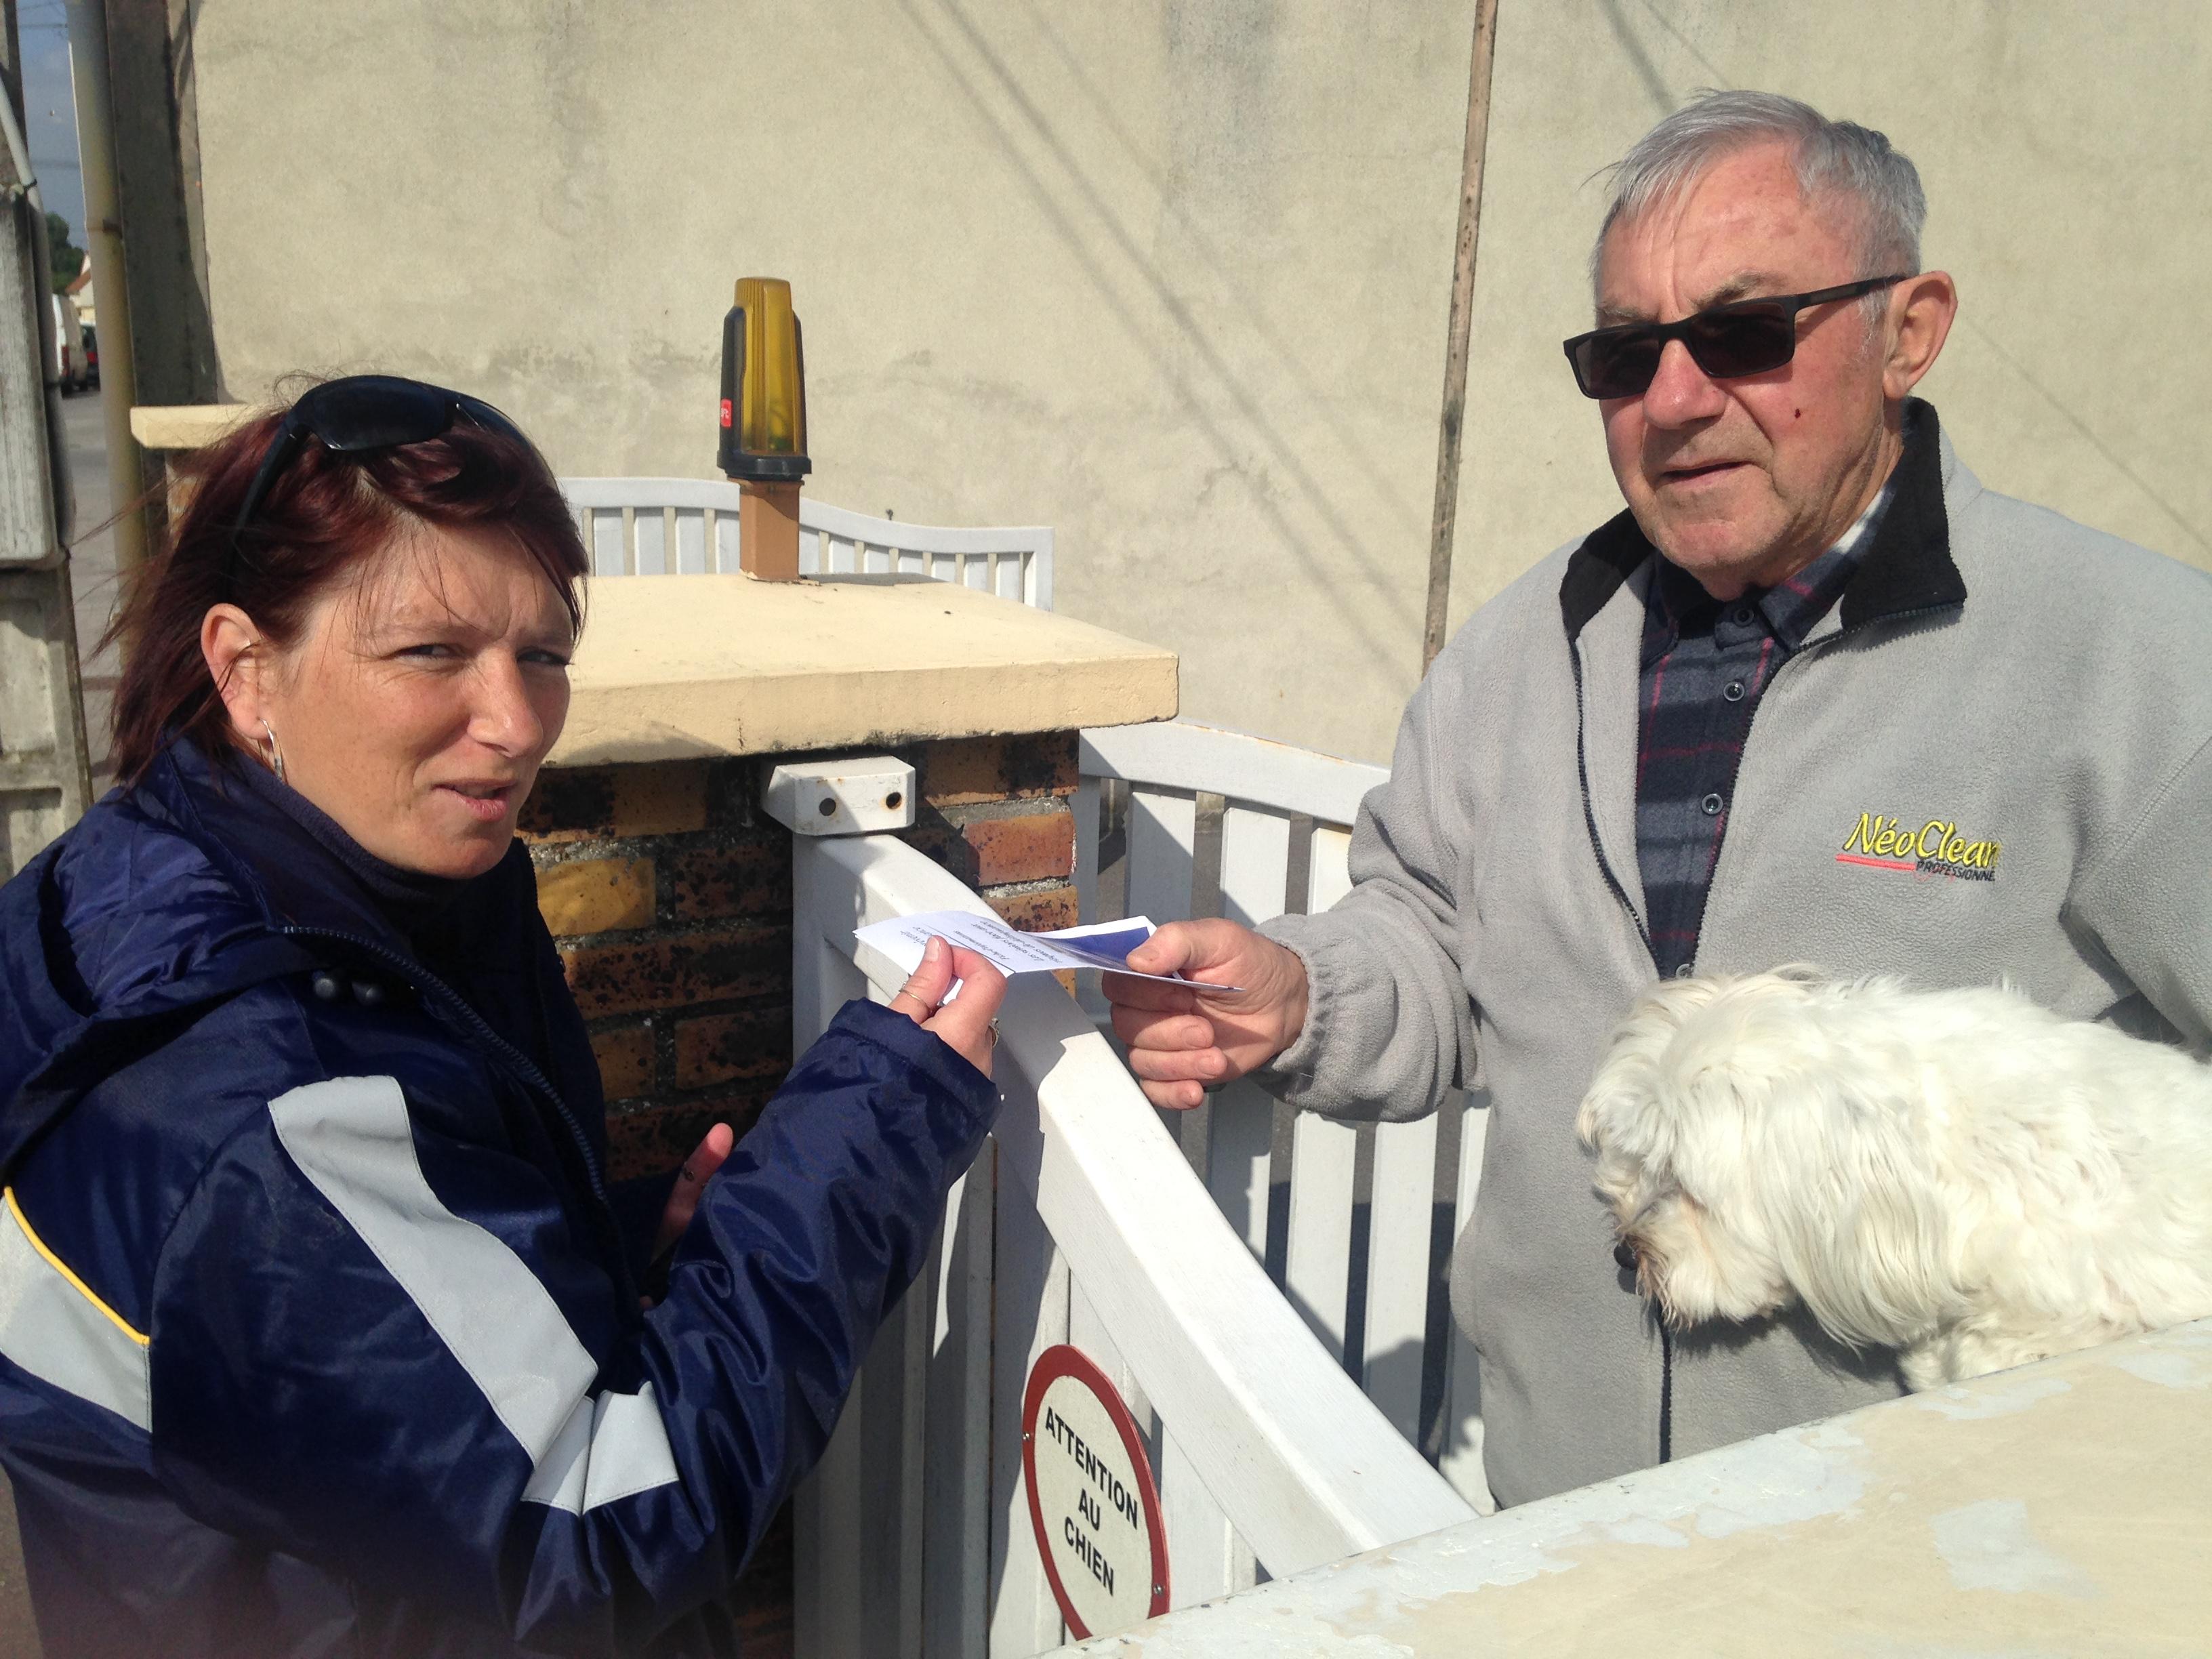 lUne factrice donne à un sénior en main propre un guide pédagogique dans l'Aisne